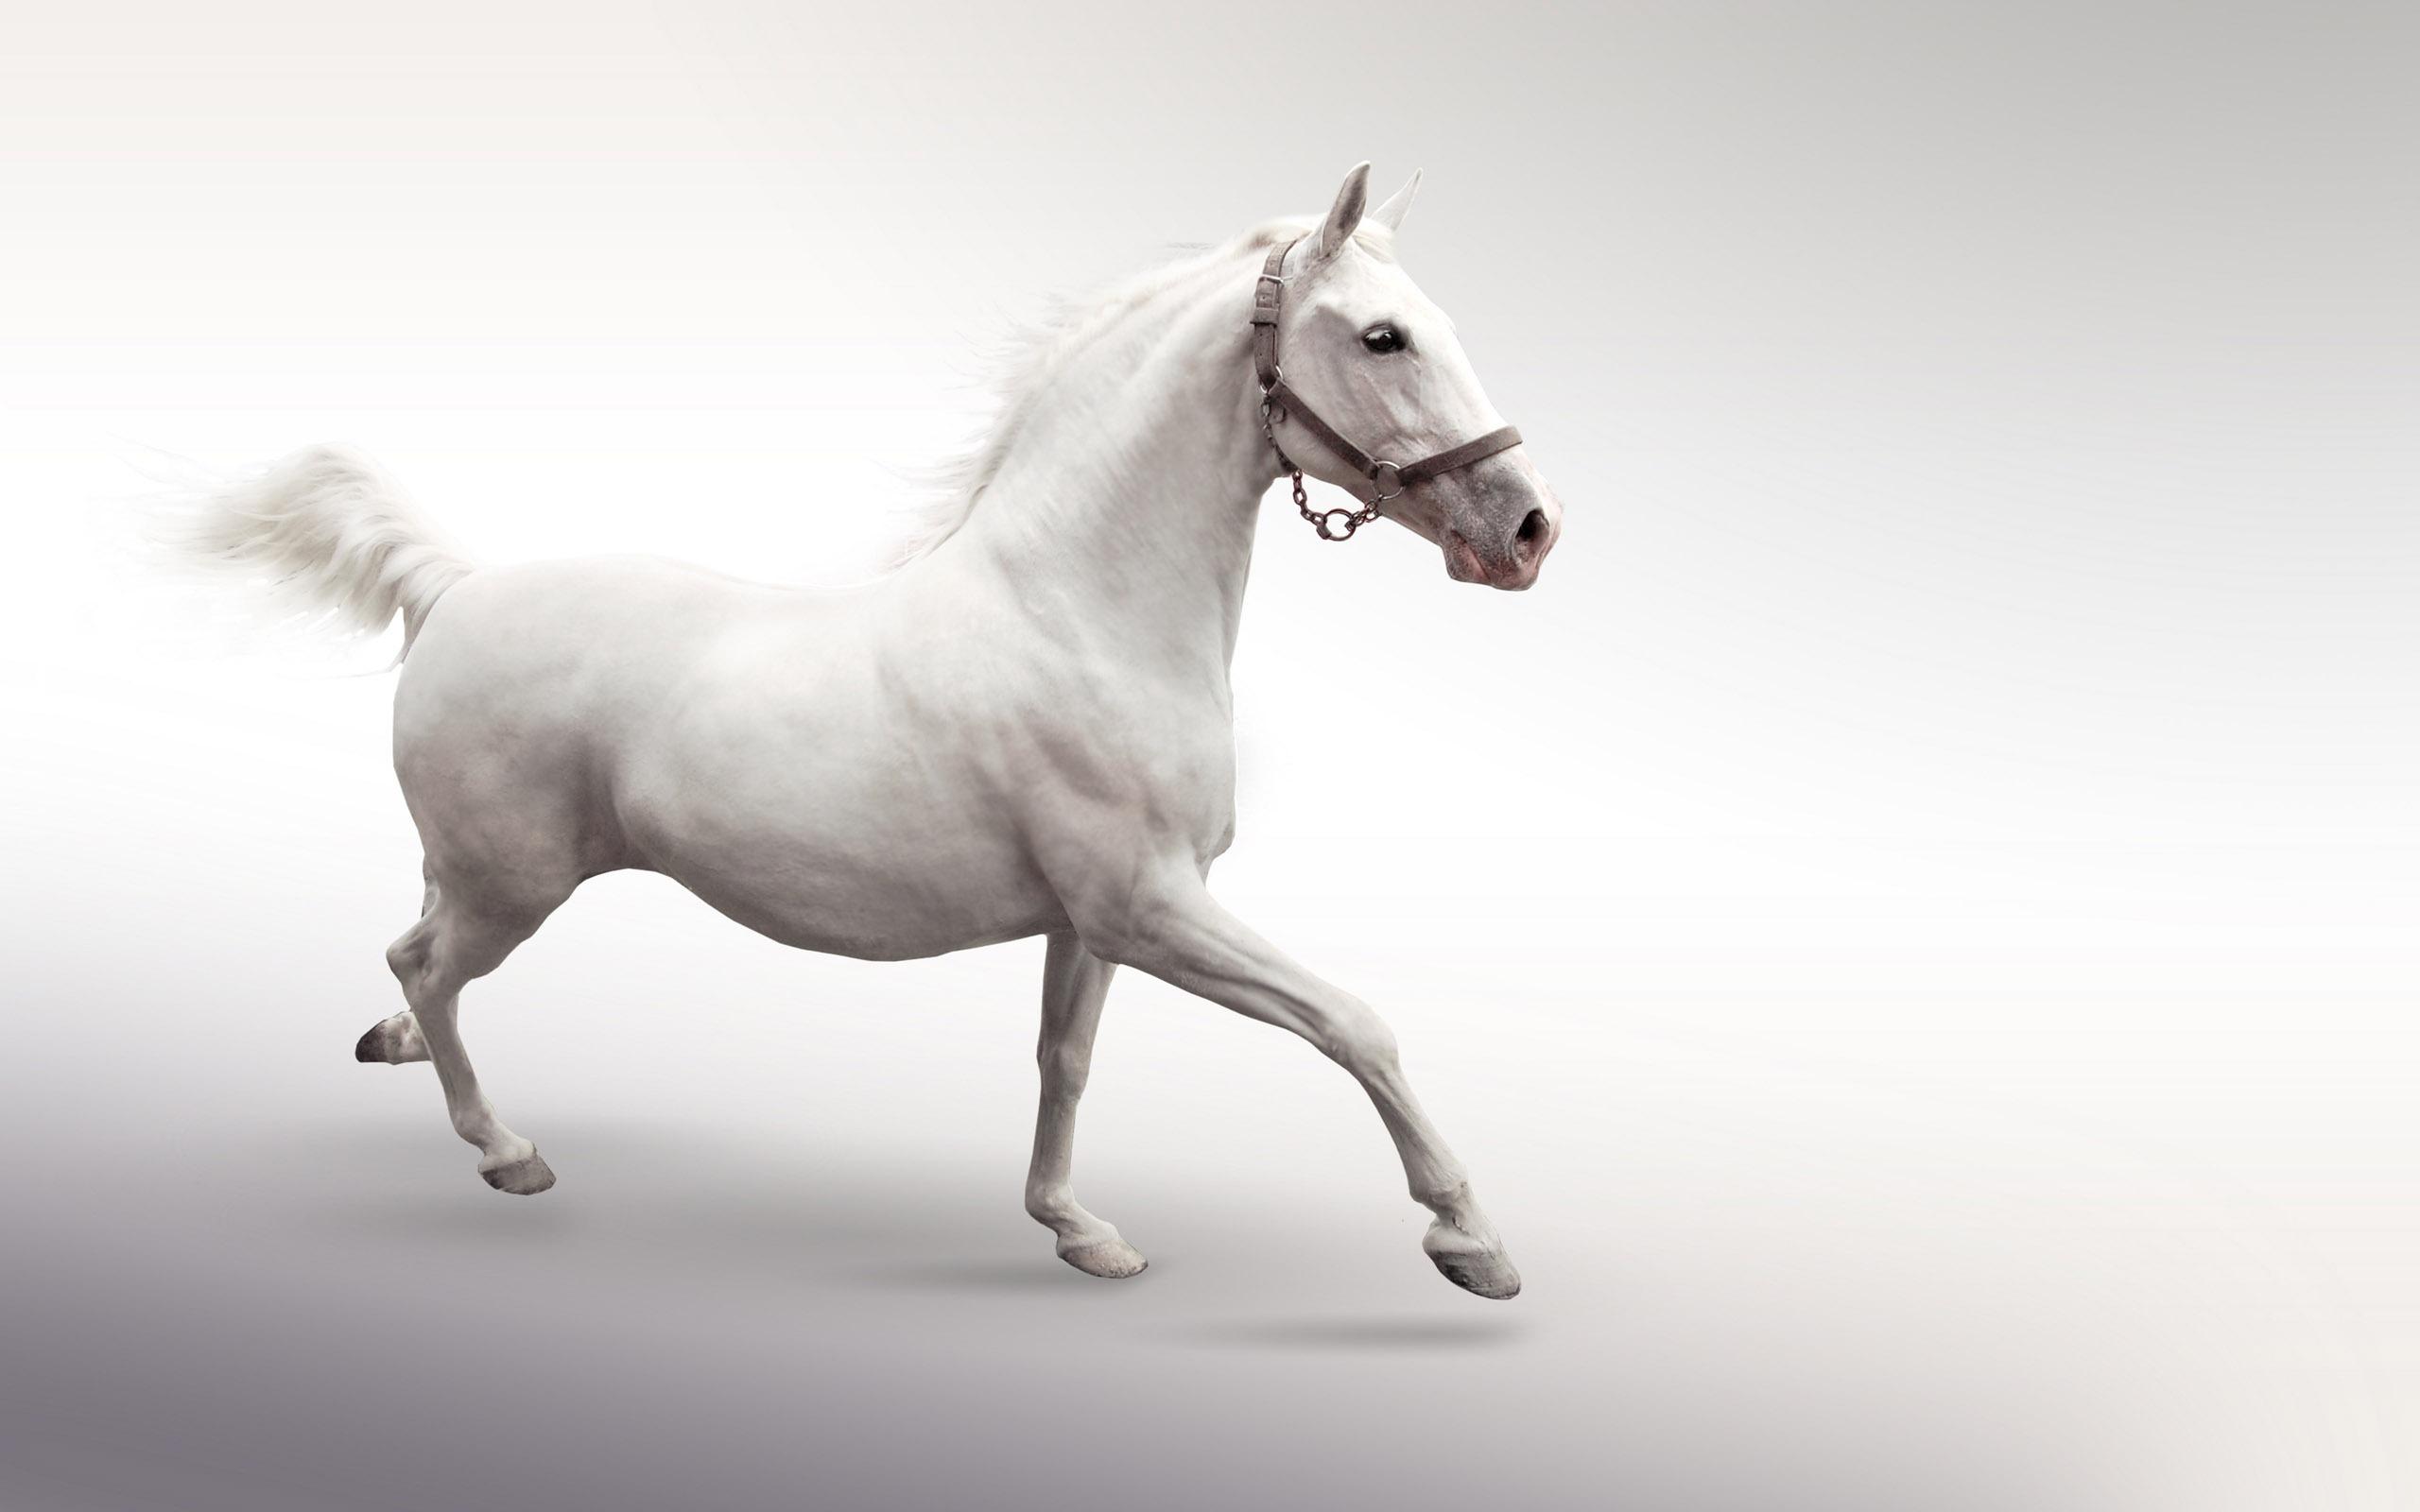 Белый конь, фото, обои для рабочего стола, лошадь